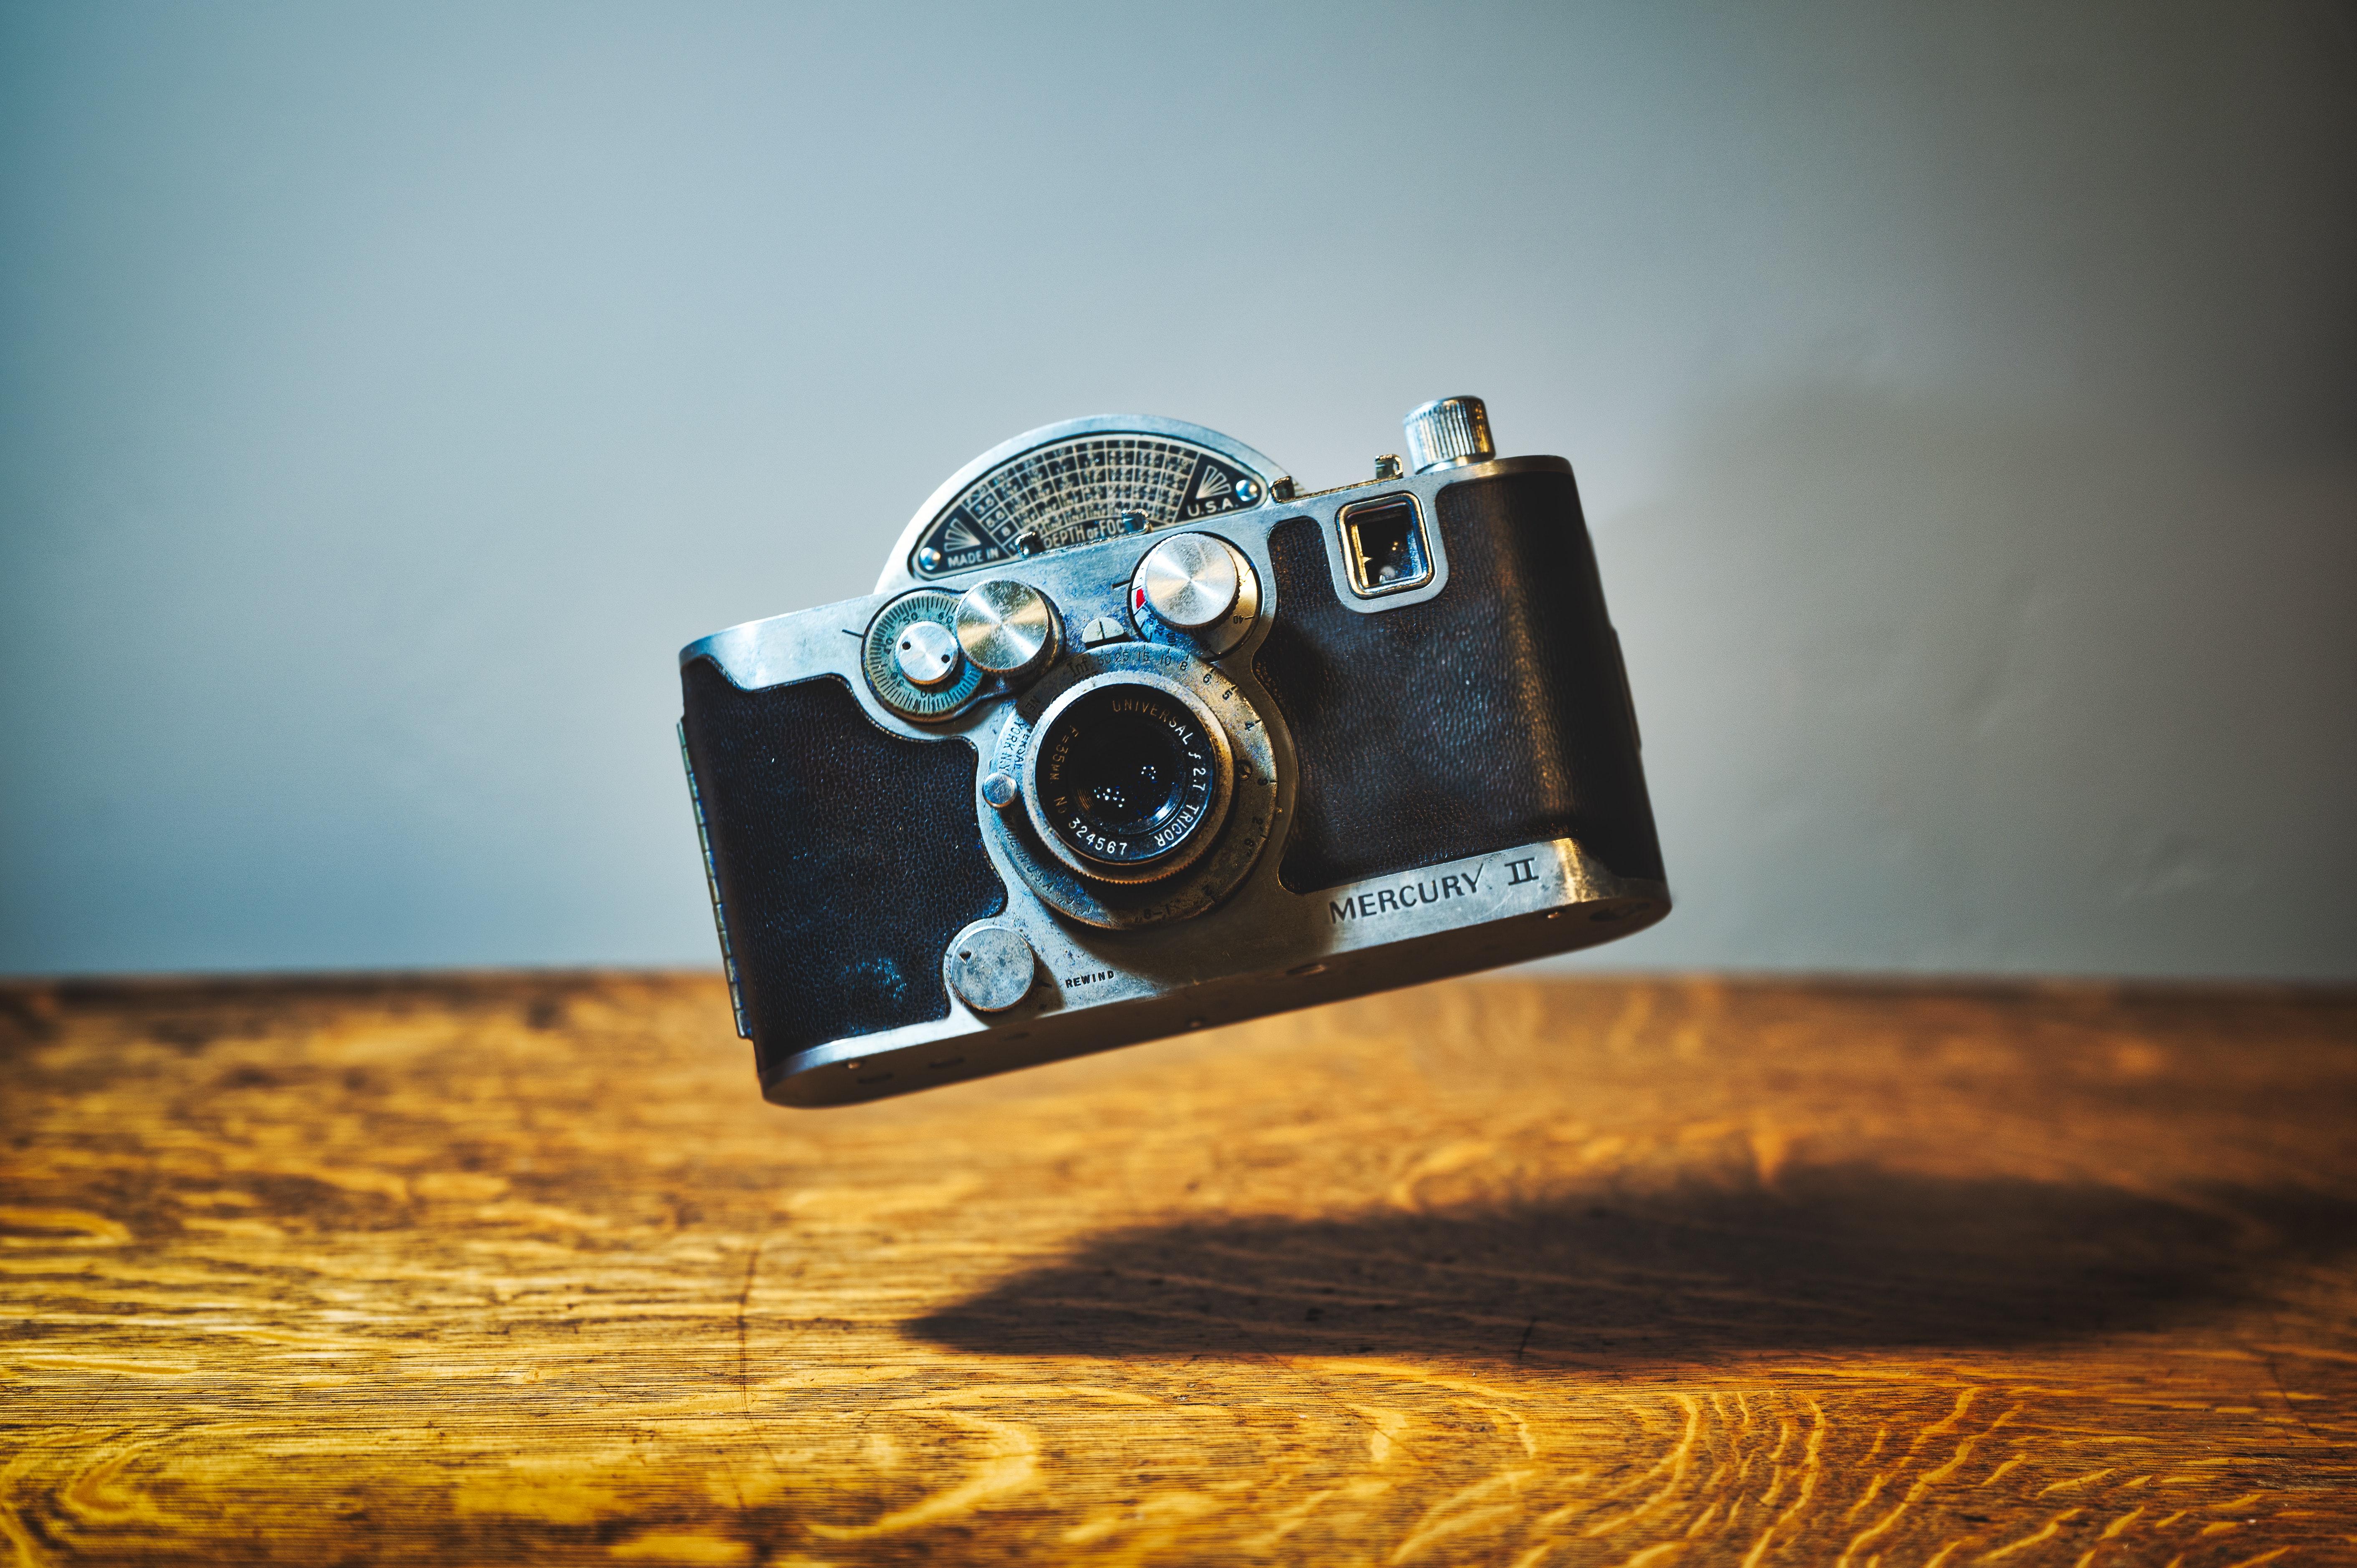 Mercury II camera (Pic: Brett Sayles)